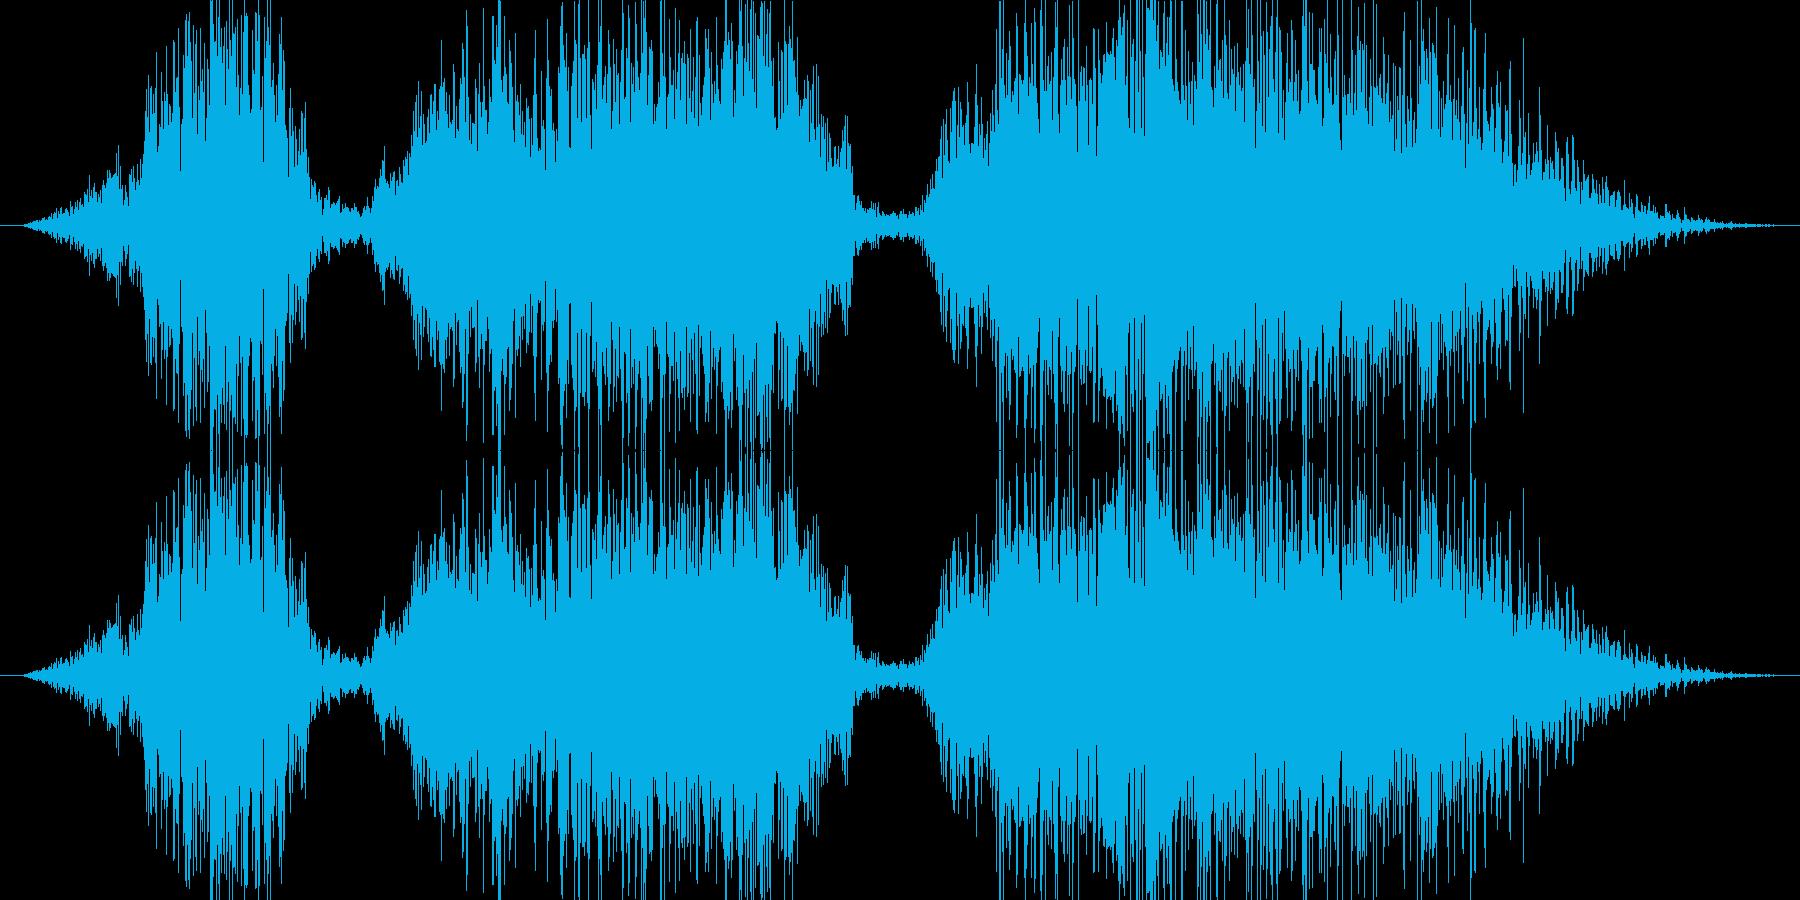 よっちょれよっちょれ!(男) 和風掛け声の再生済みの波形